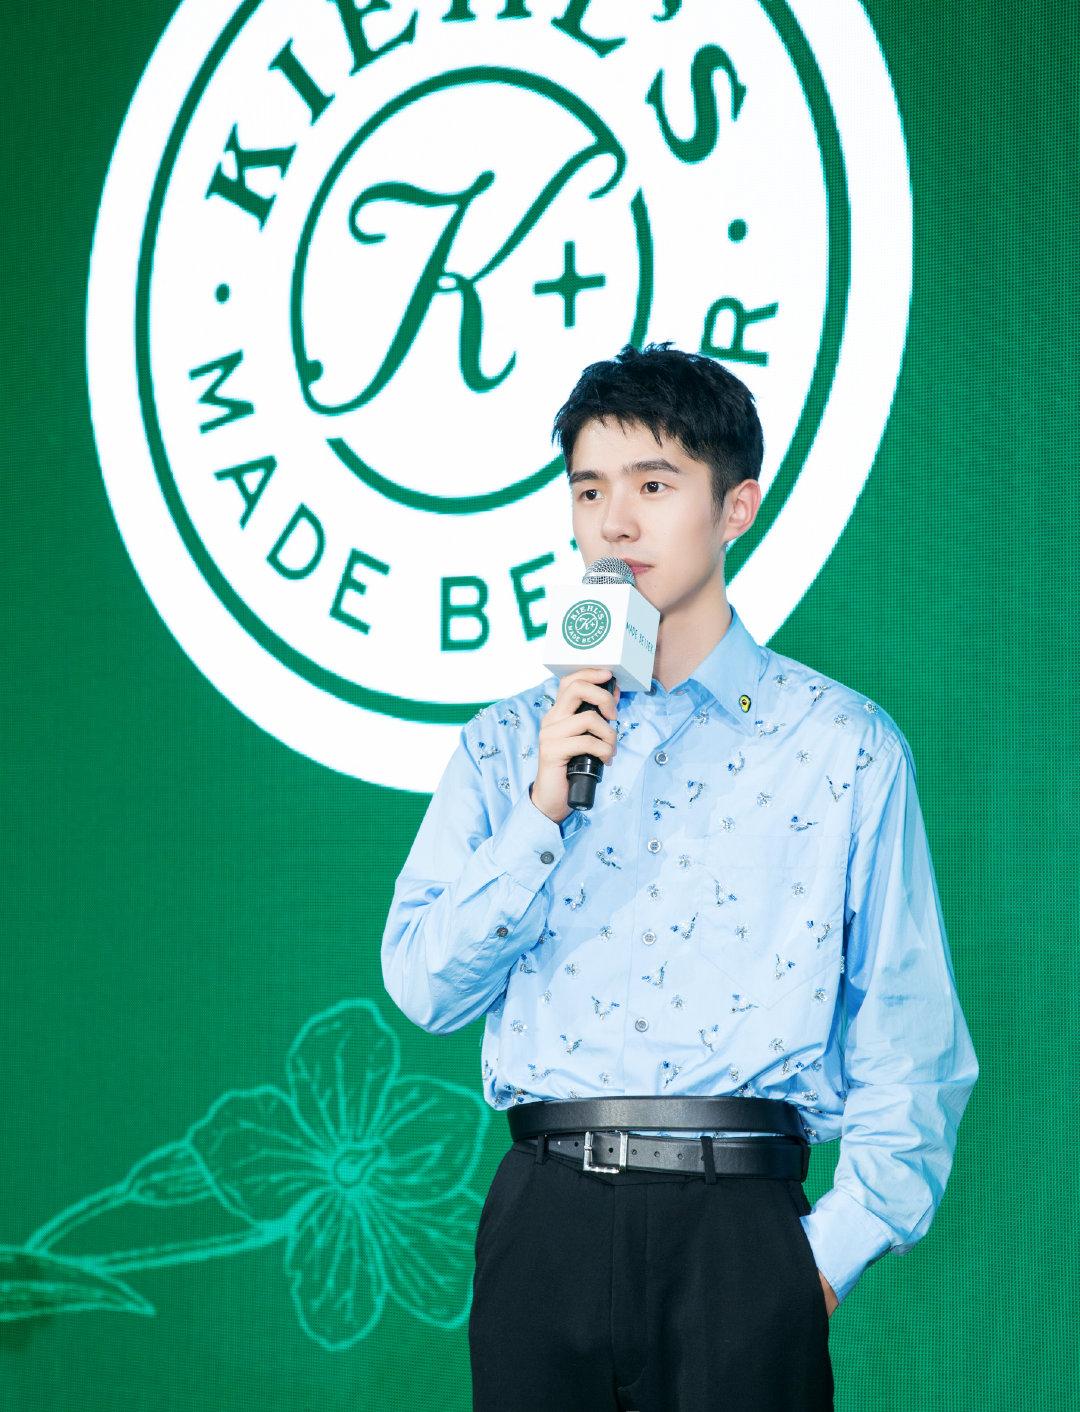 刘昊然透露将进组拍《唐探3》 携王子异王哲比帅